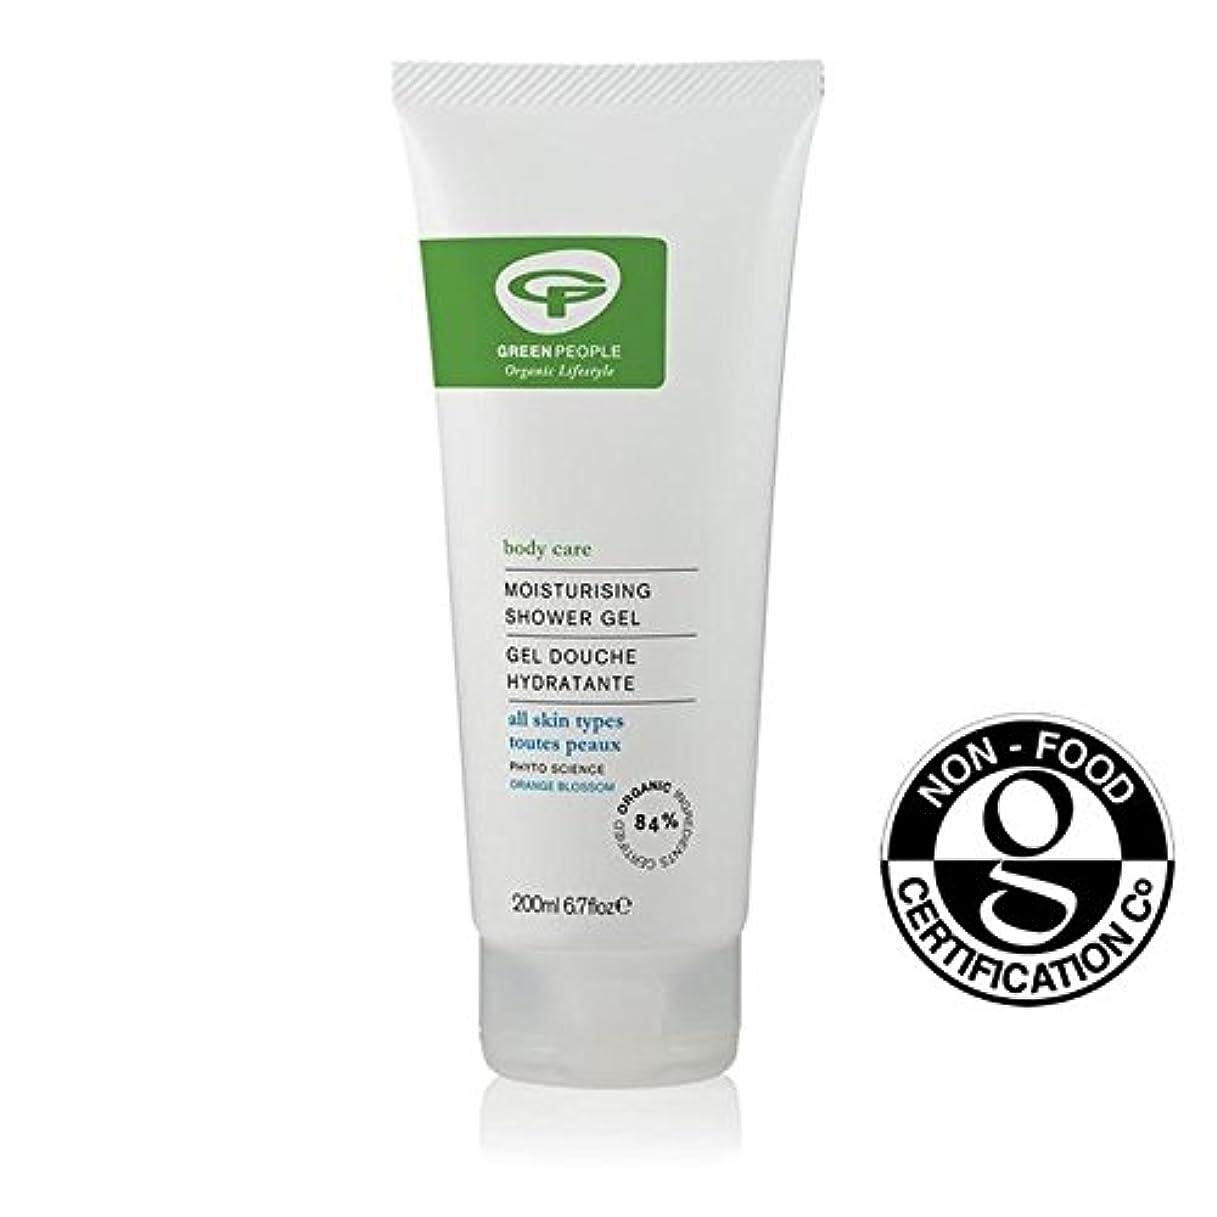 遊び場剣そんなに緑の人々の有機保湿シャワージェル200 x4 - Green People Organic Moisturising Shower Gel 200ml (Pack of 4) [並行輸入品]